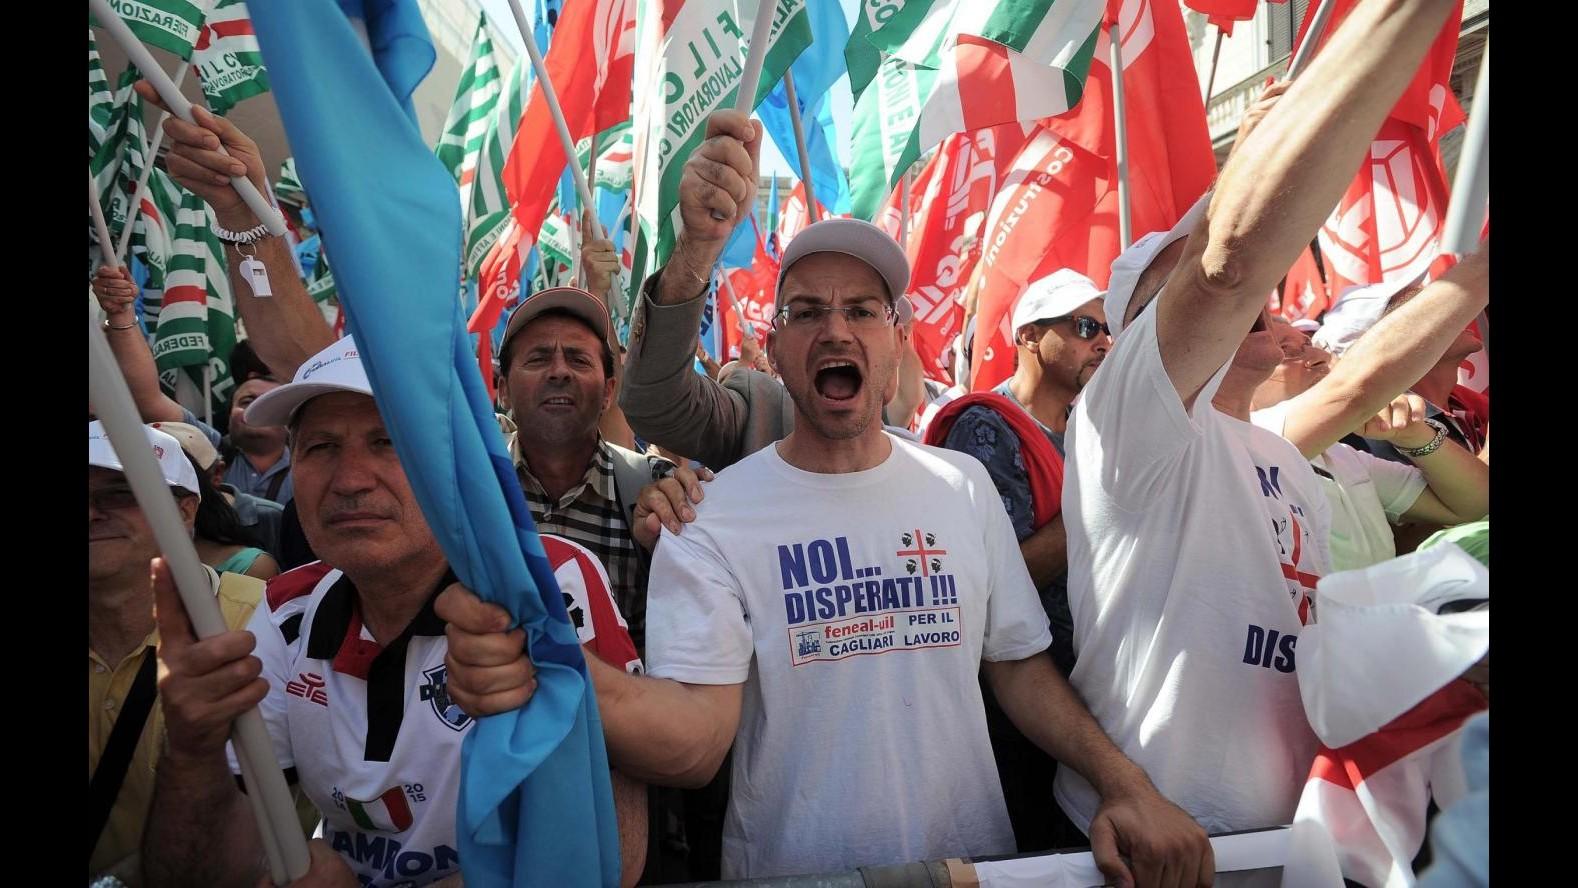 Sindacati edilizia in piazza: protesta contro corruzione e lavoro nero